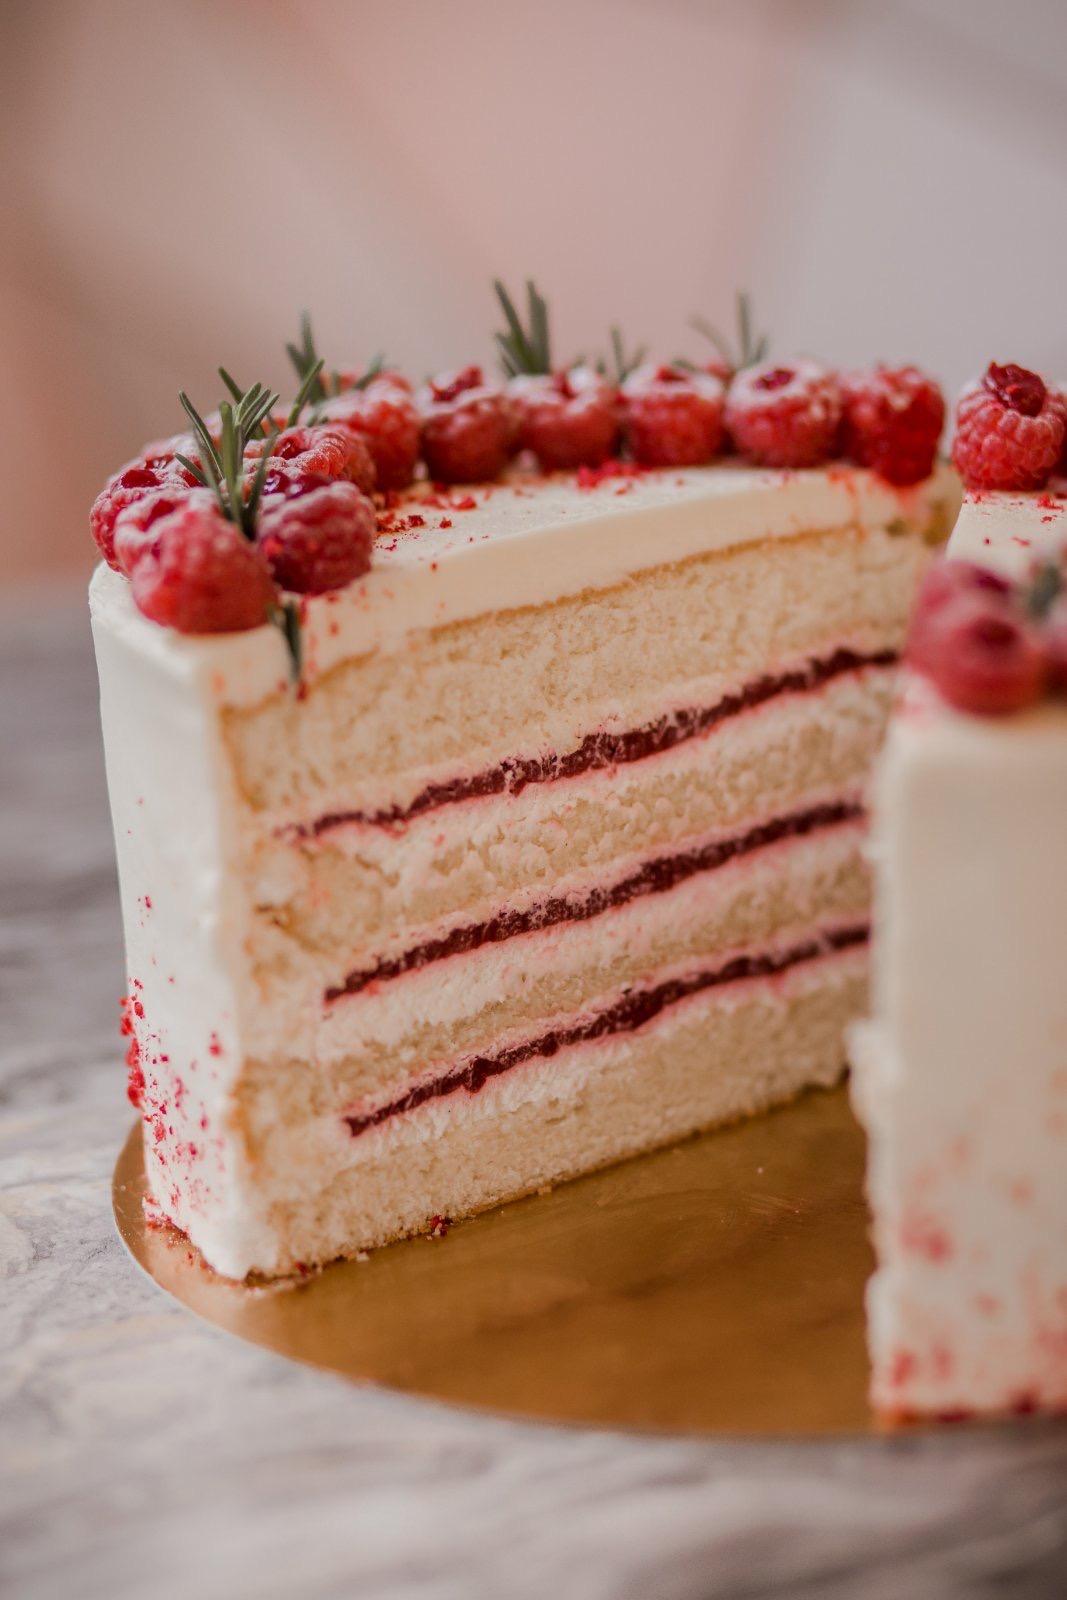 Vanilkový dort s vanilkovým krémem a domácím malinovým džemem